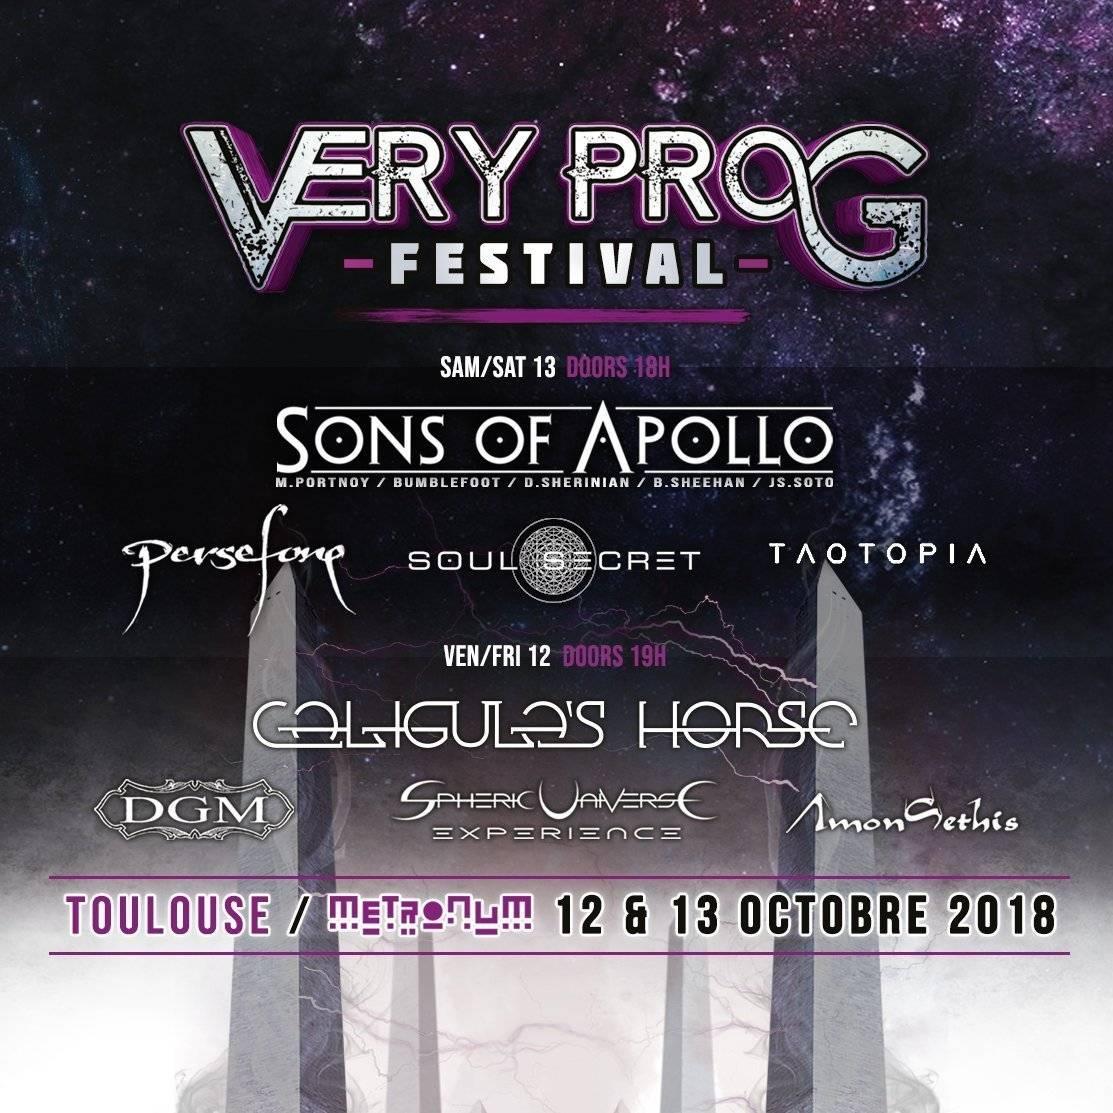 Very Prog Festival – Trailer